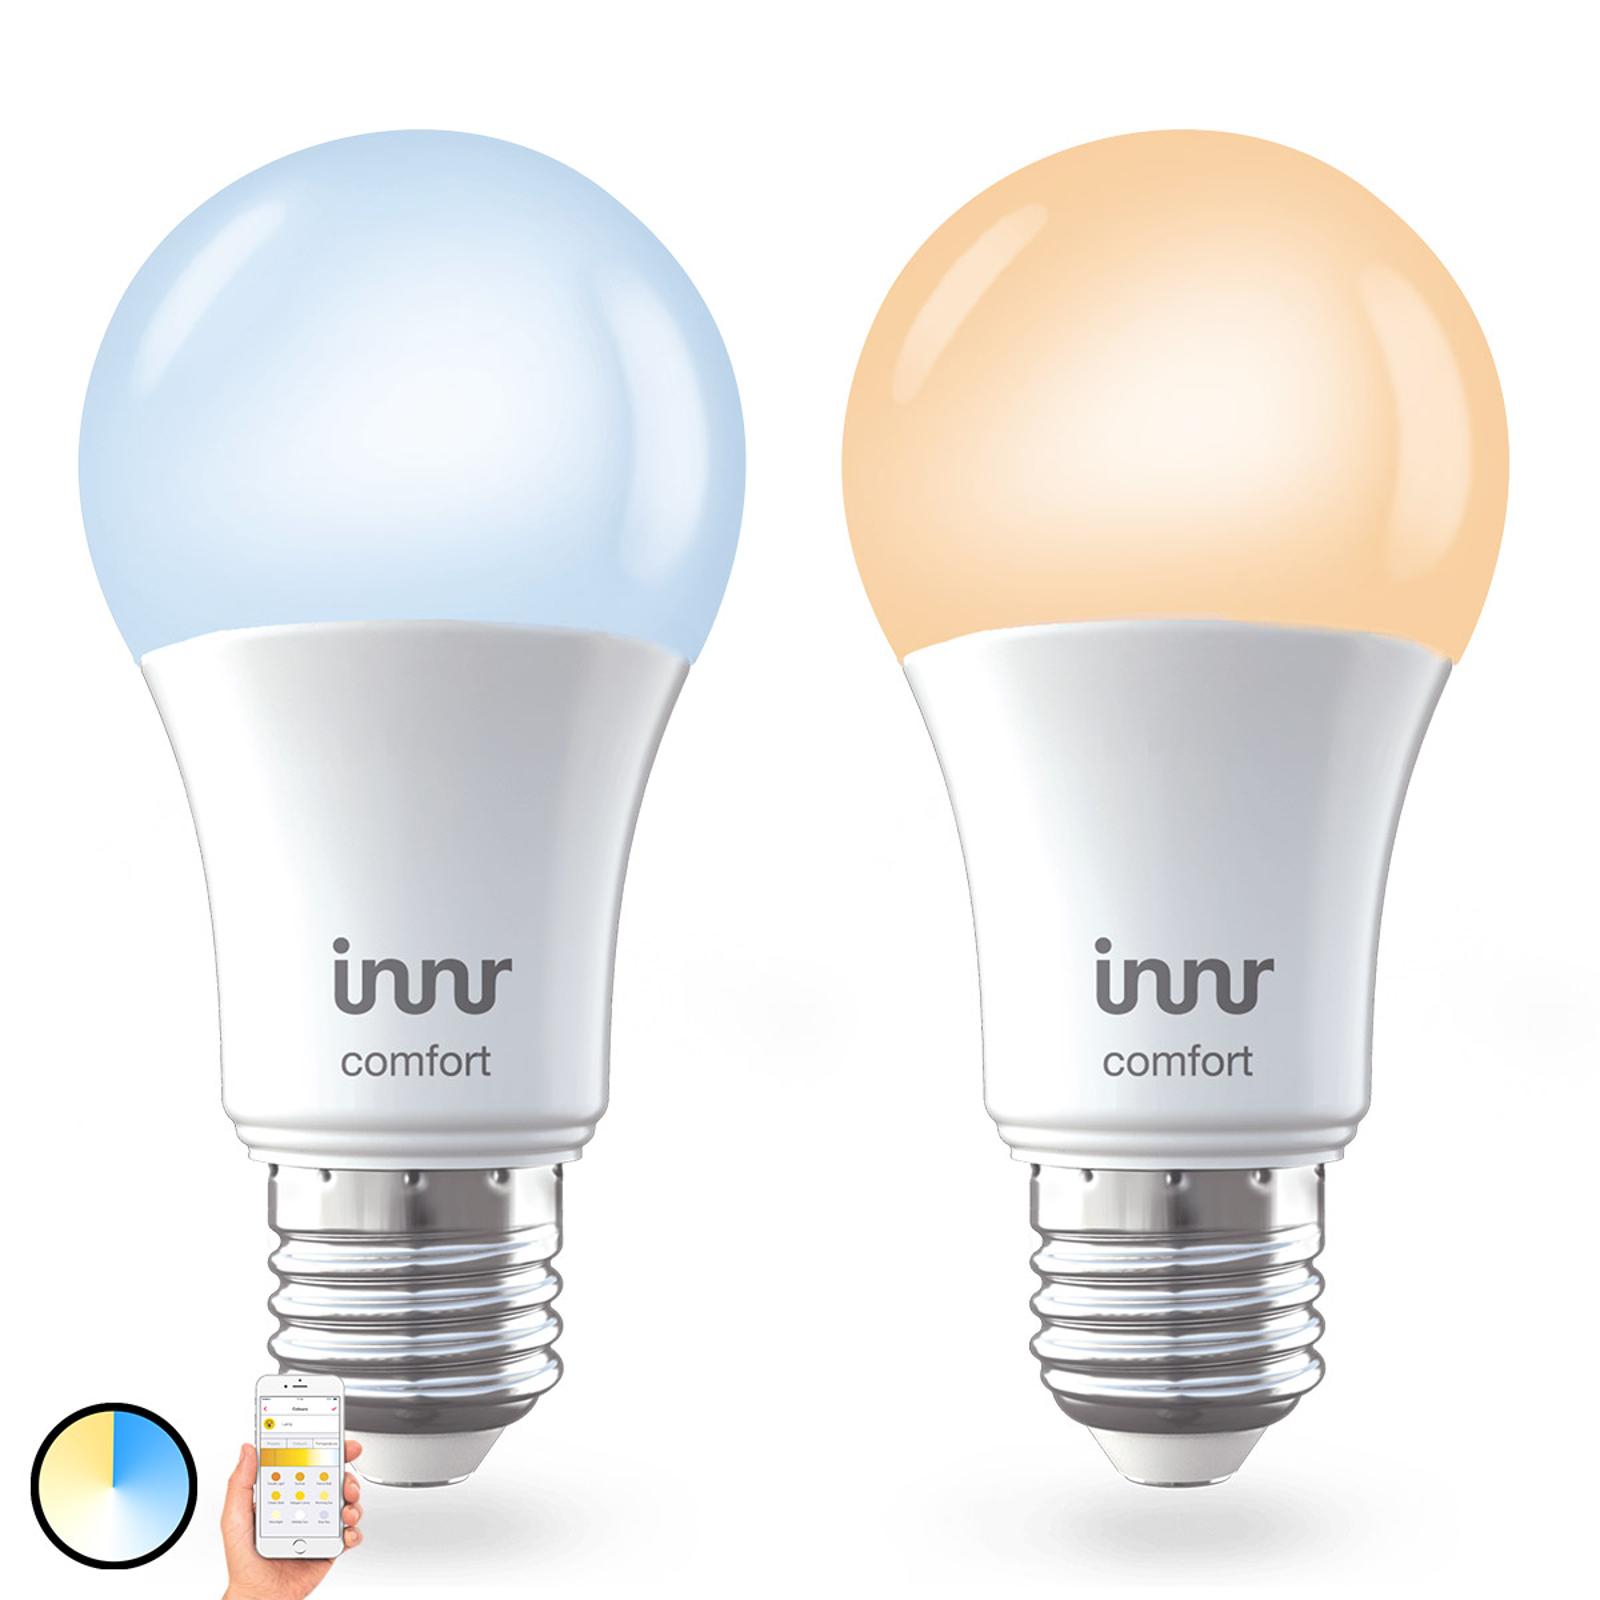 E27 9W LED-Lampe Innr Smart Bulb Comfort, 2er-Pack